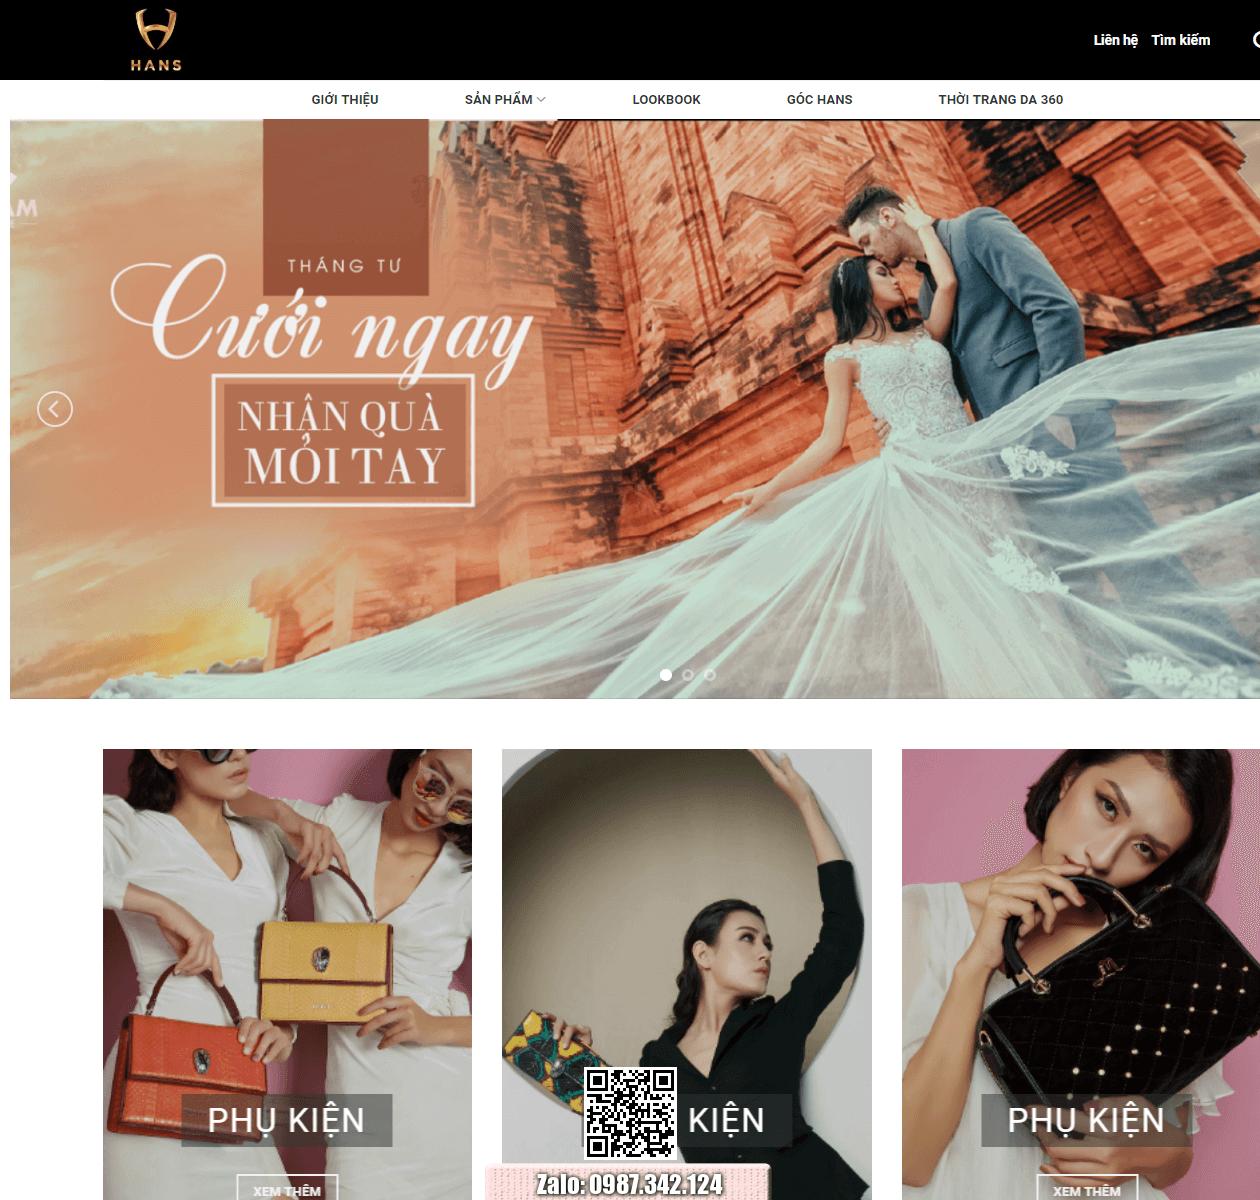 Mẫu web bán hàng thời trang thumbnail